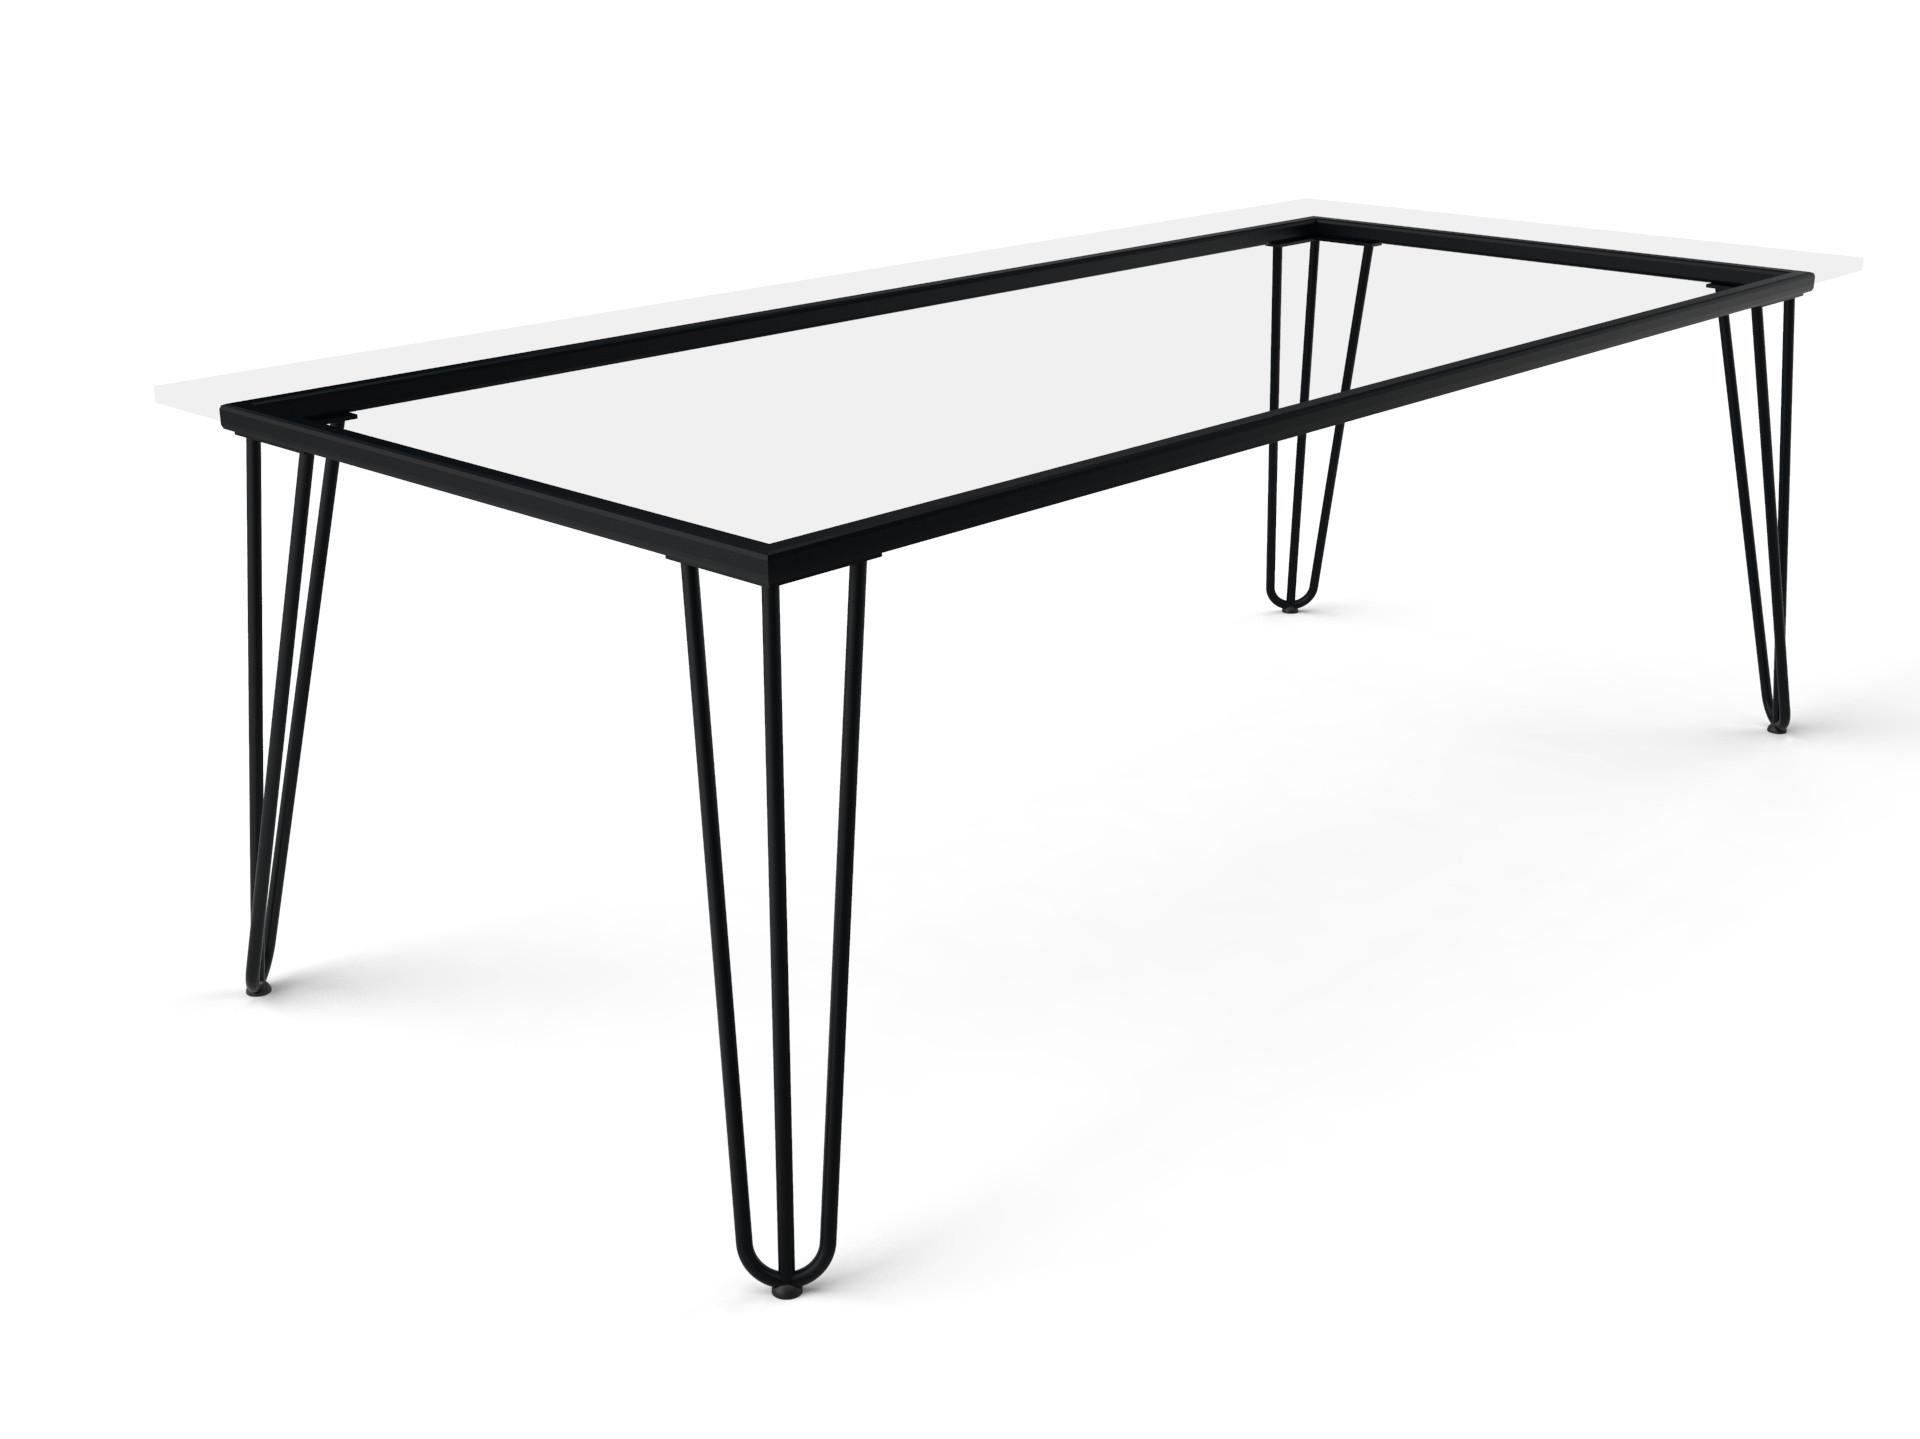 Tischgestell Stockholm